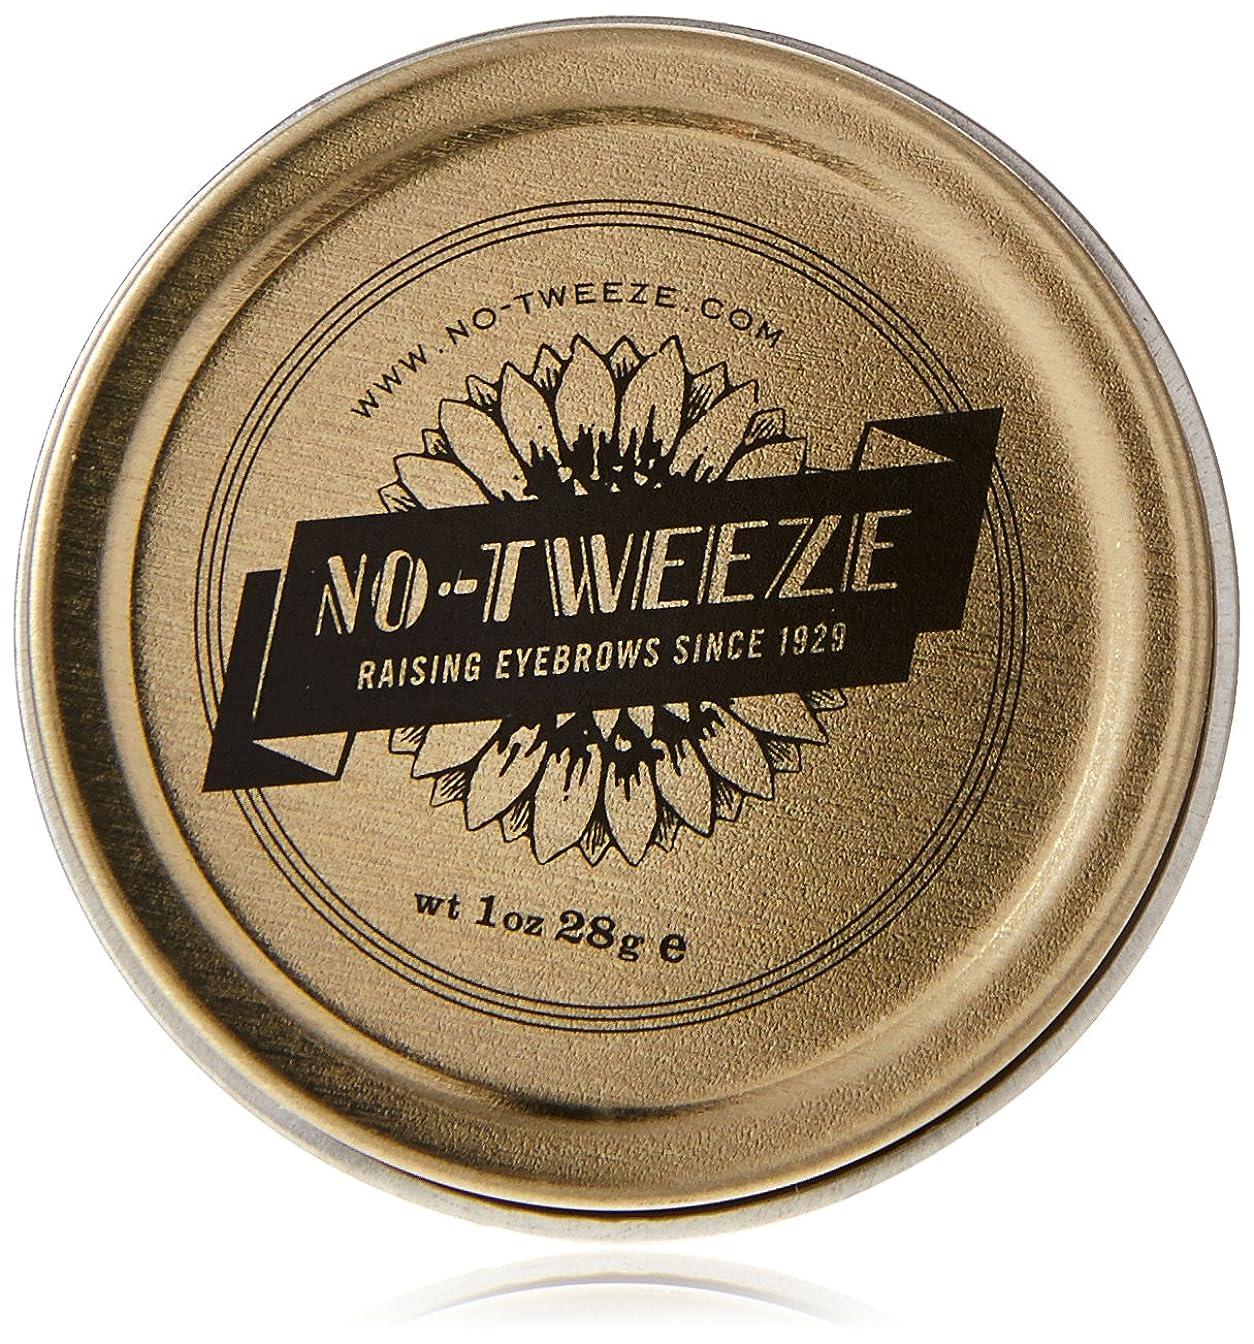 悪行深く禁止するNo-Tweeze 28g by No-Tweeze